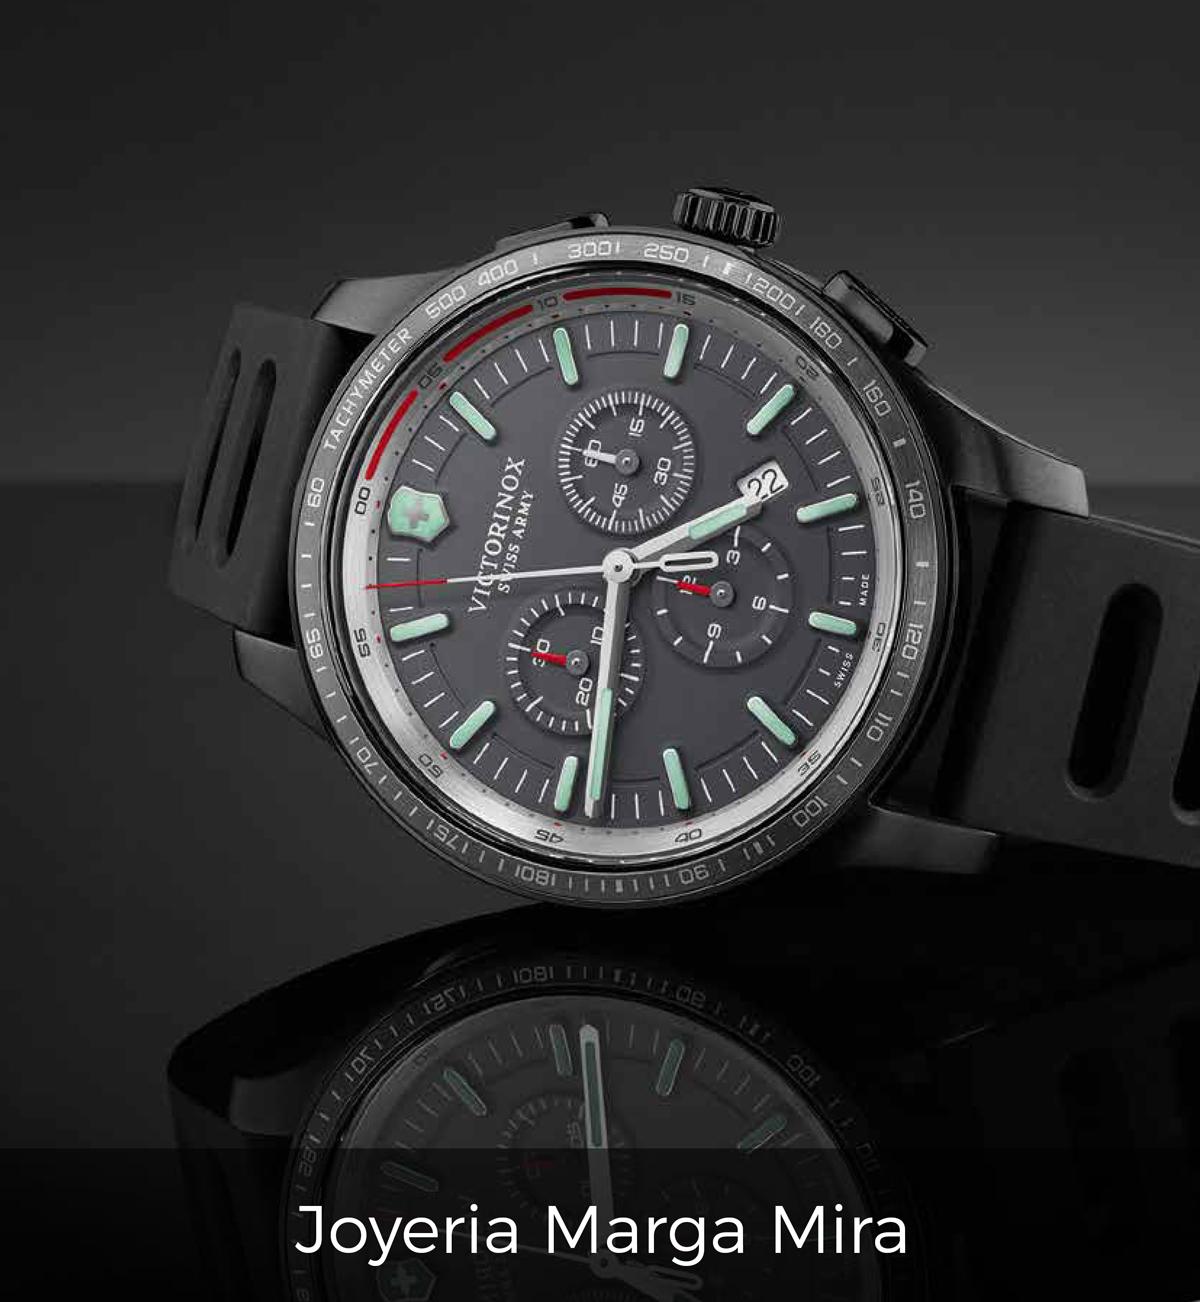 donde comprar online Reloj Victorinox V241818 Alliance Sport Joyeria Marga Mira Relojeria en Alicante tienda relojes alicante